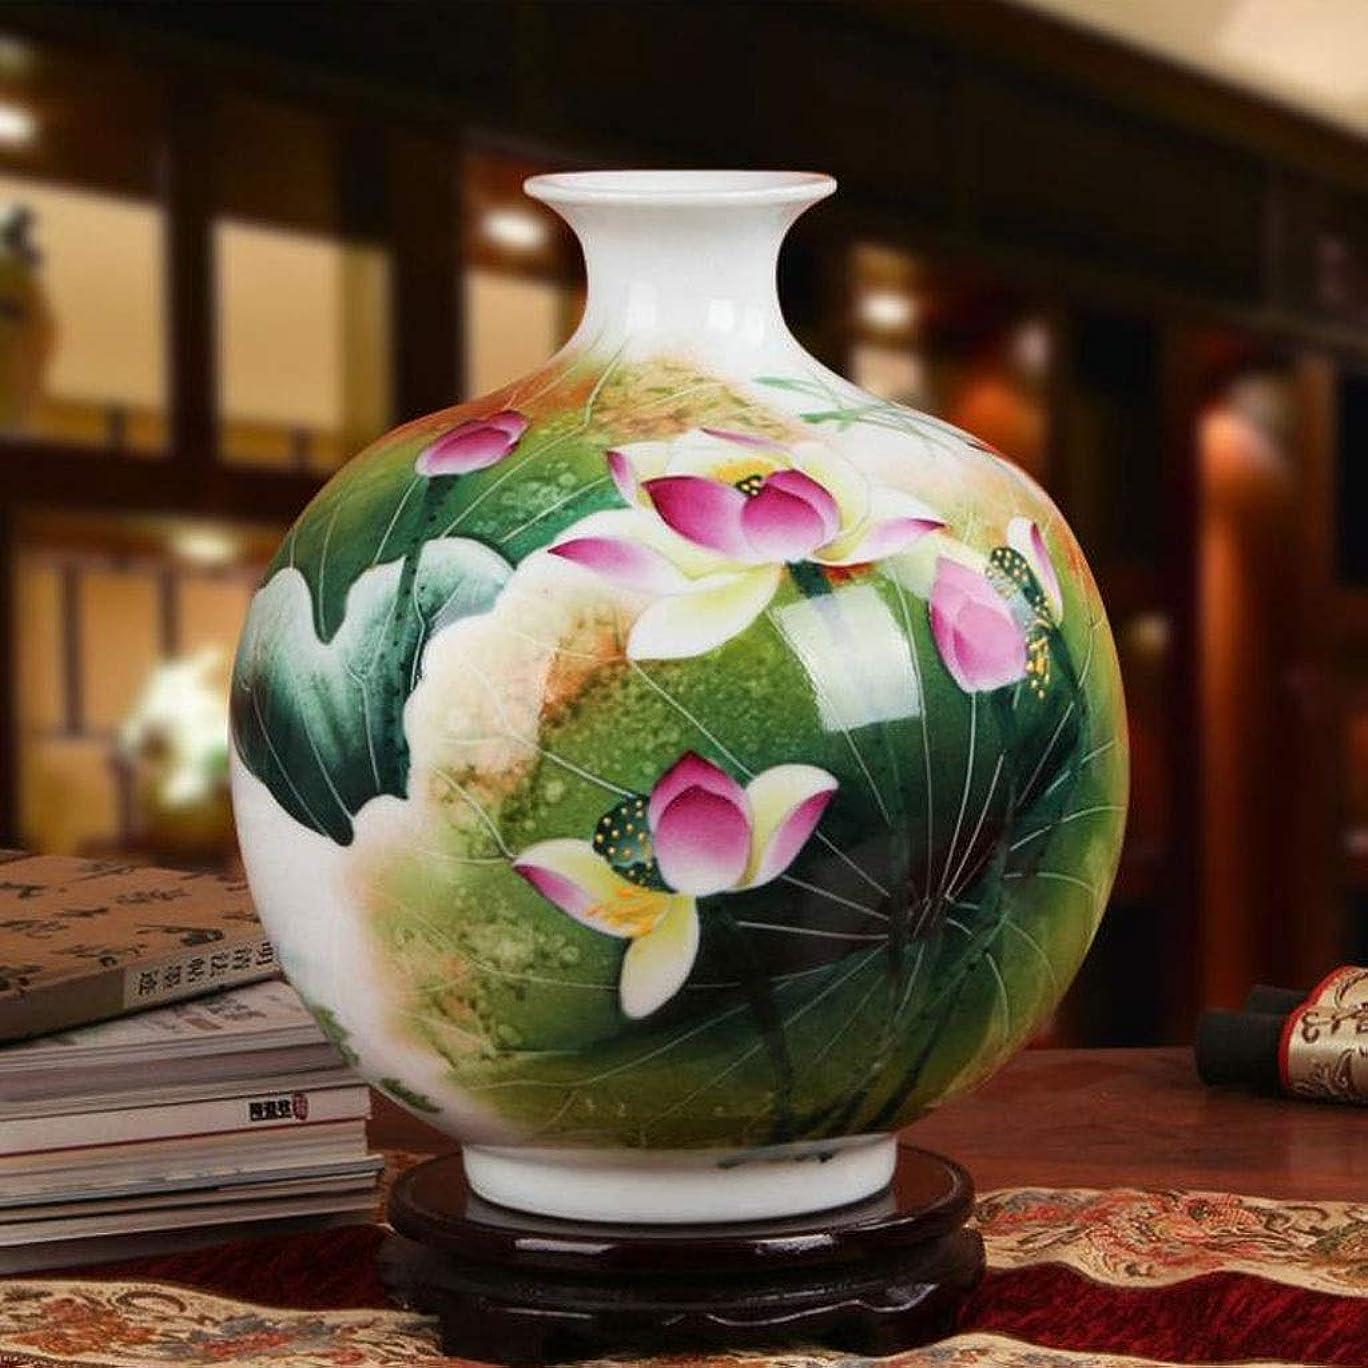 成分回転させる時計回り花瓶 ロータスの花の花瓶ホームデコレーション優れた磁器景徳鎮陶磁器資本クラシックスタイルパステル磁器 インテリア フラワーベース